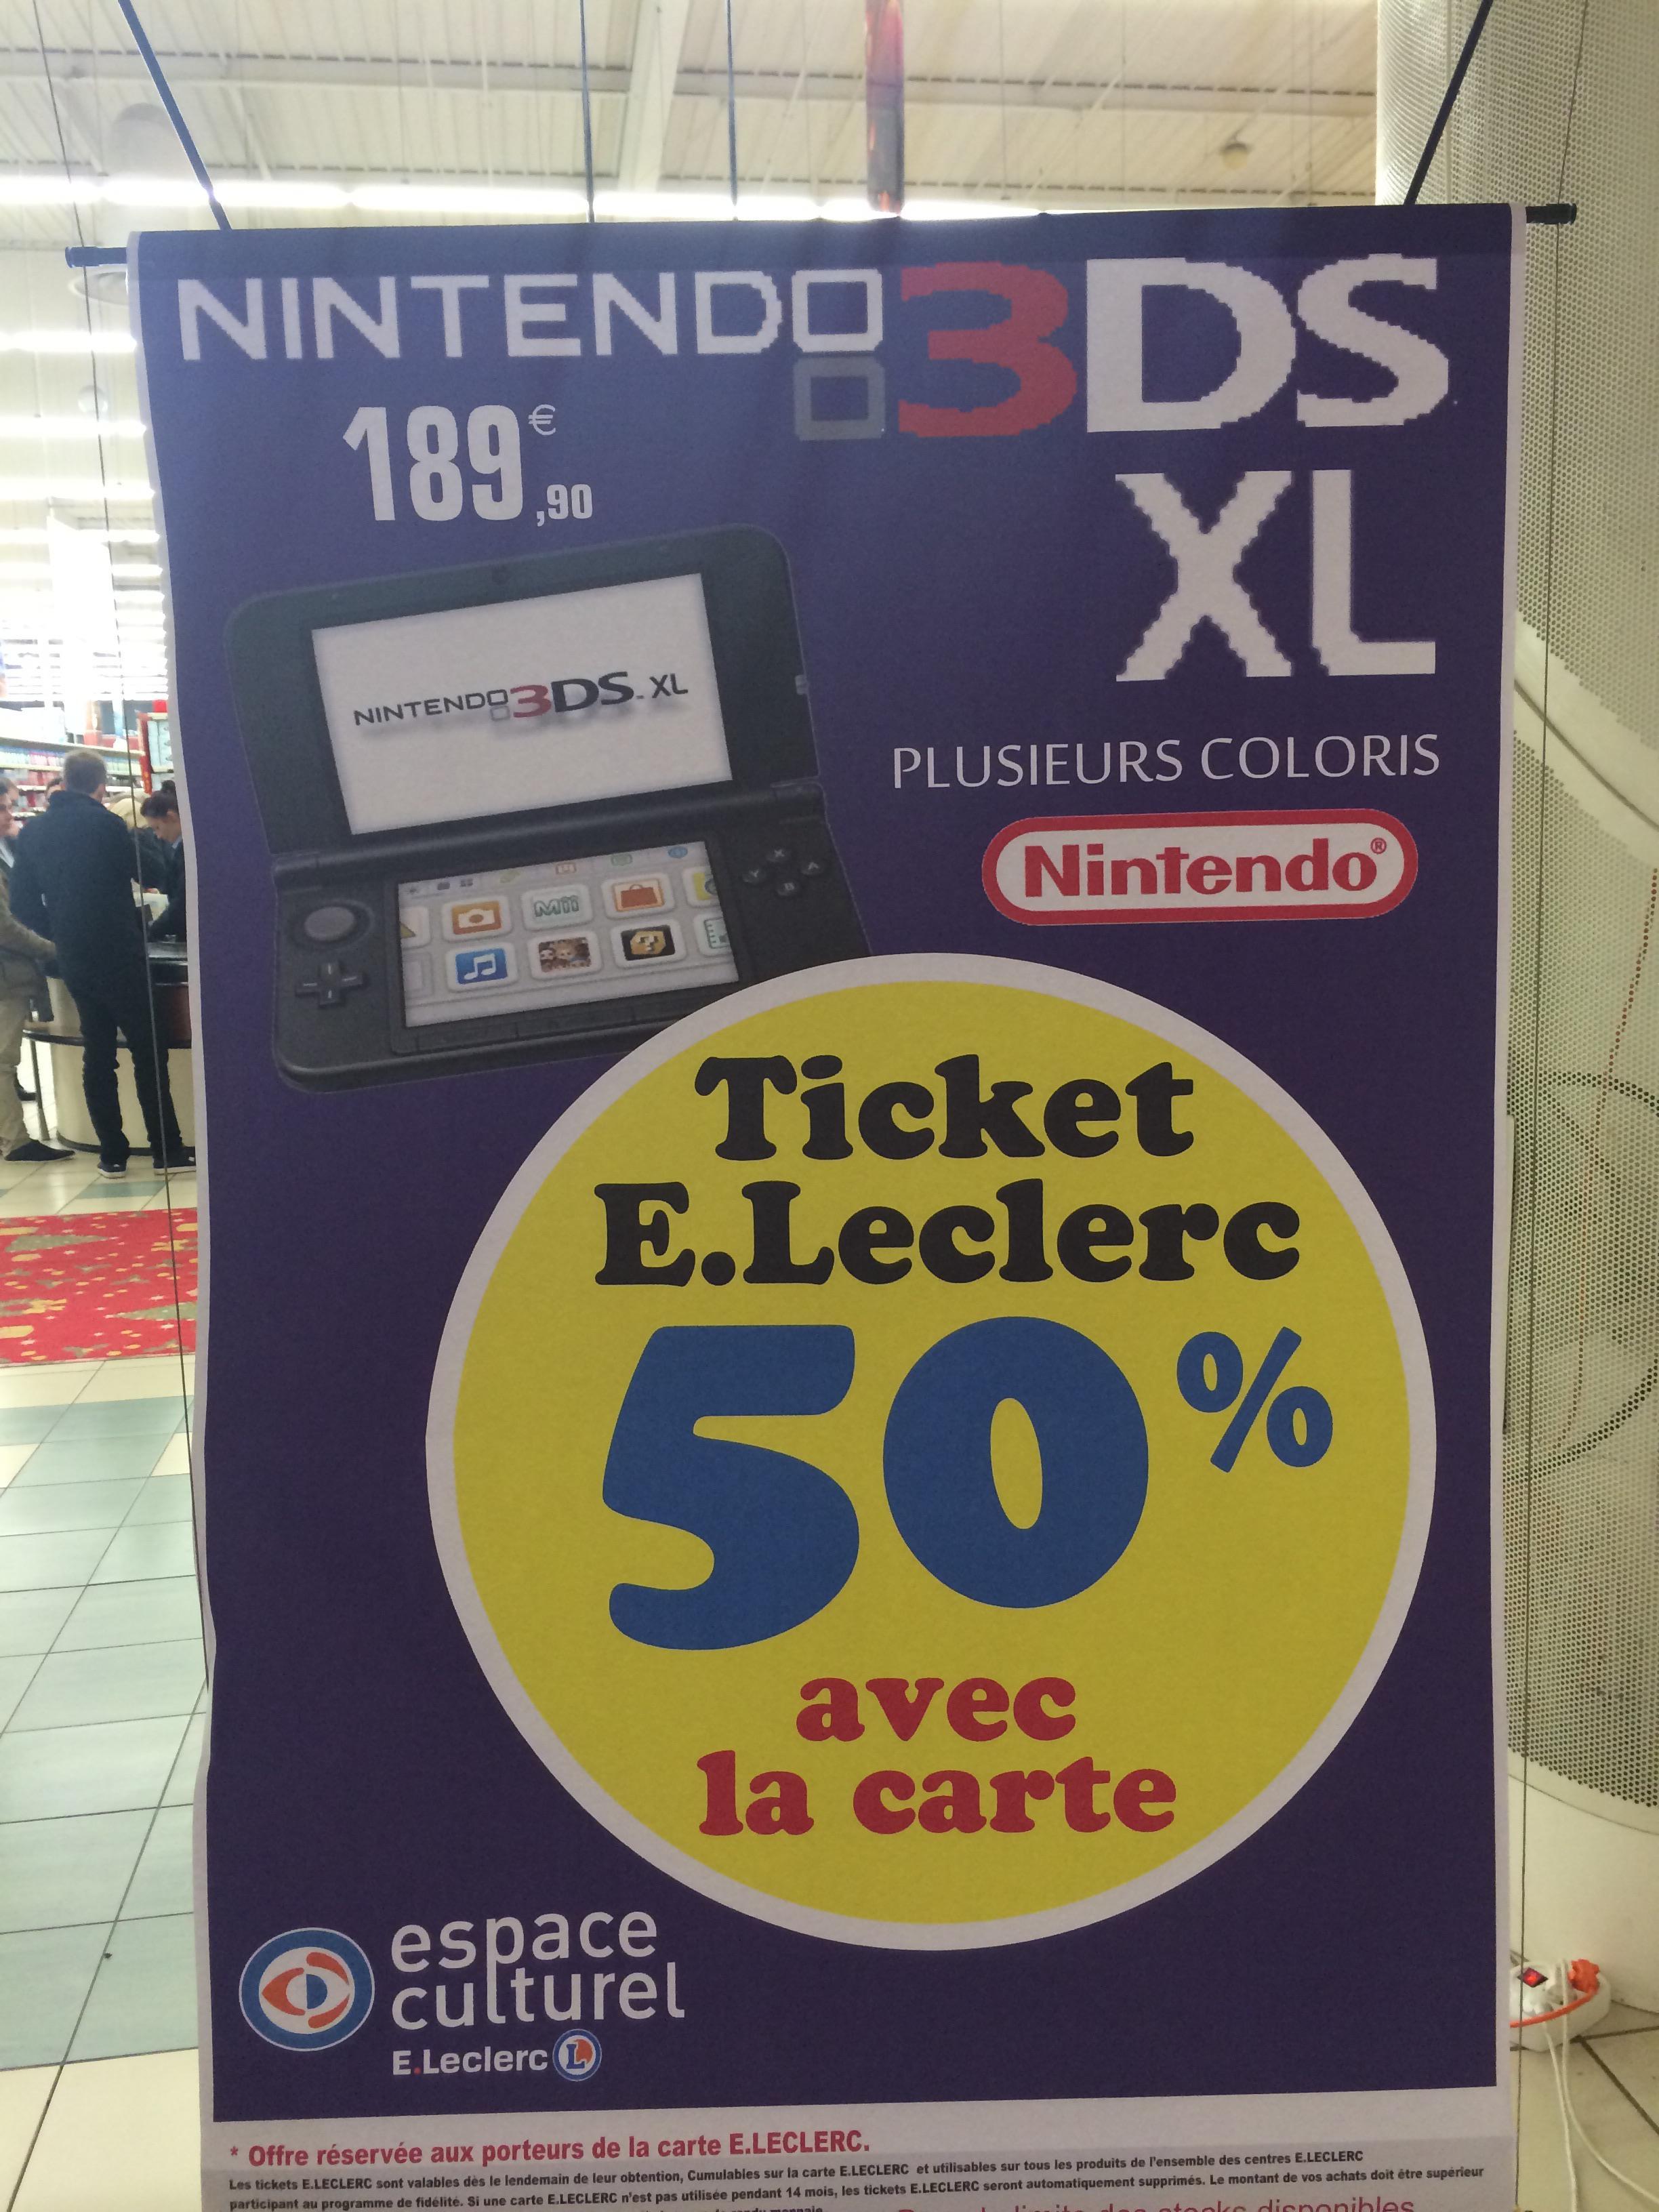 Console Nintendo 3DS XL (avec 50% sur la carte)